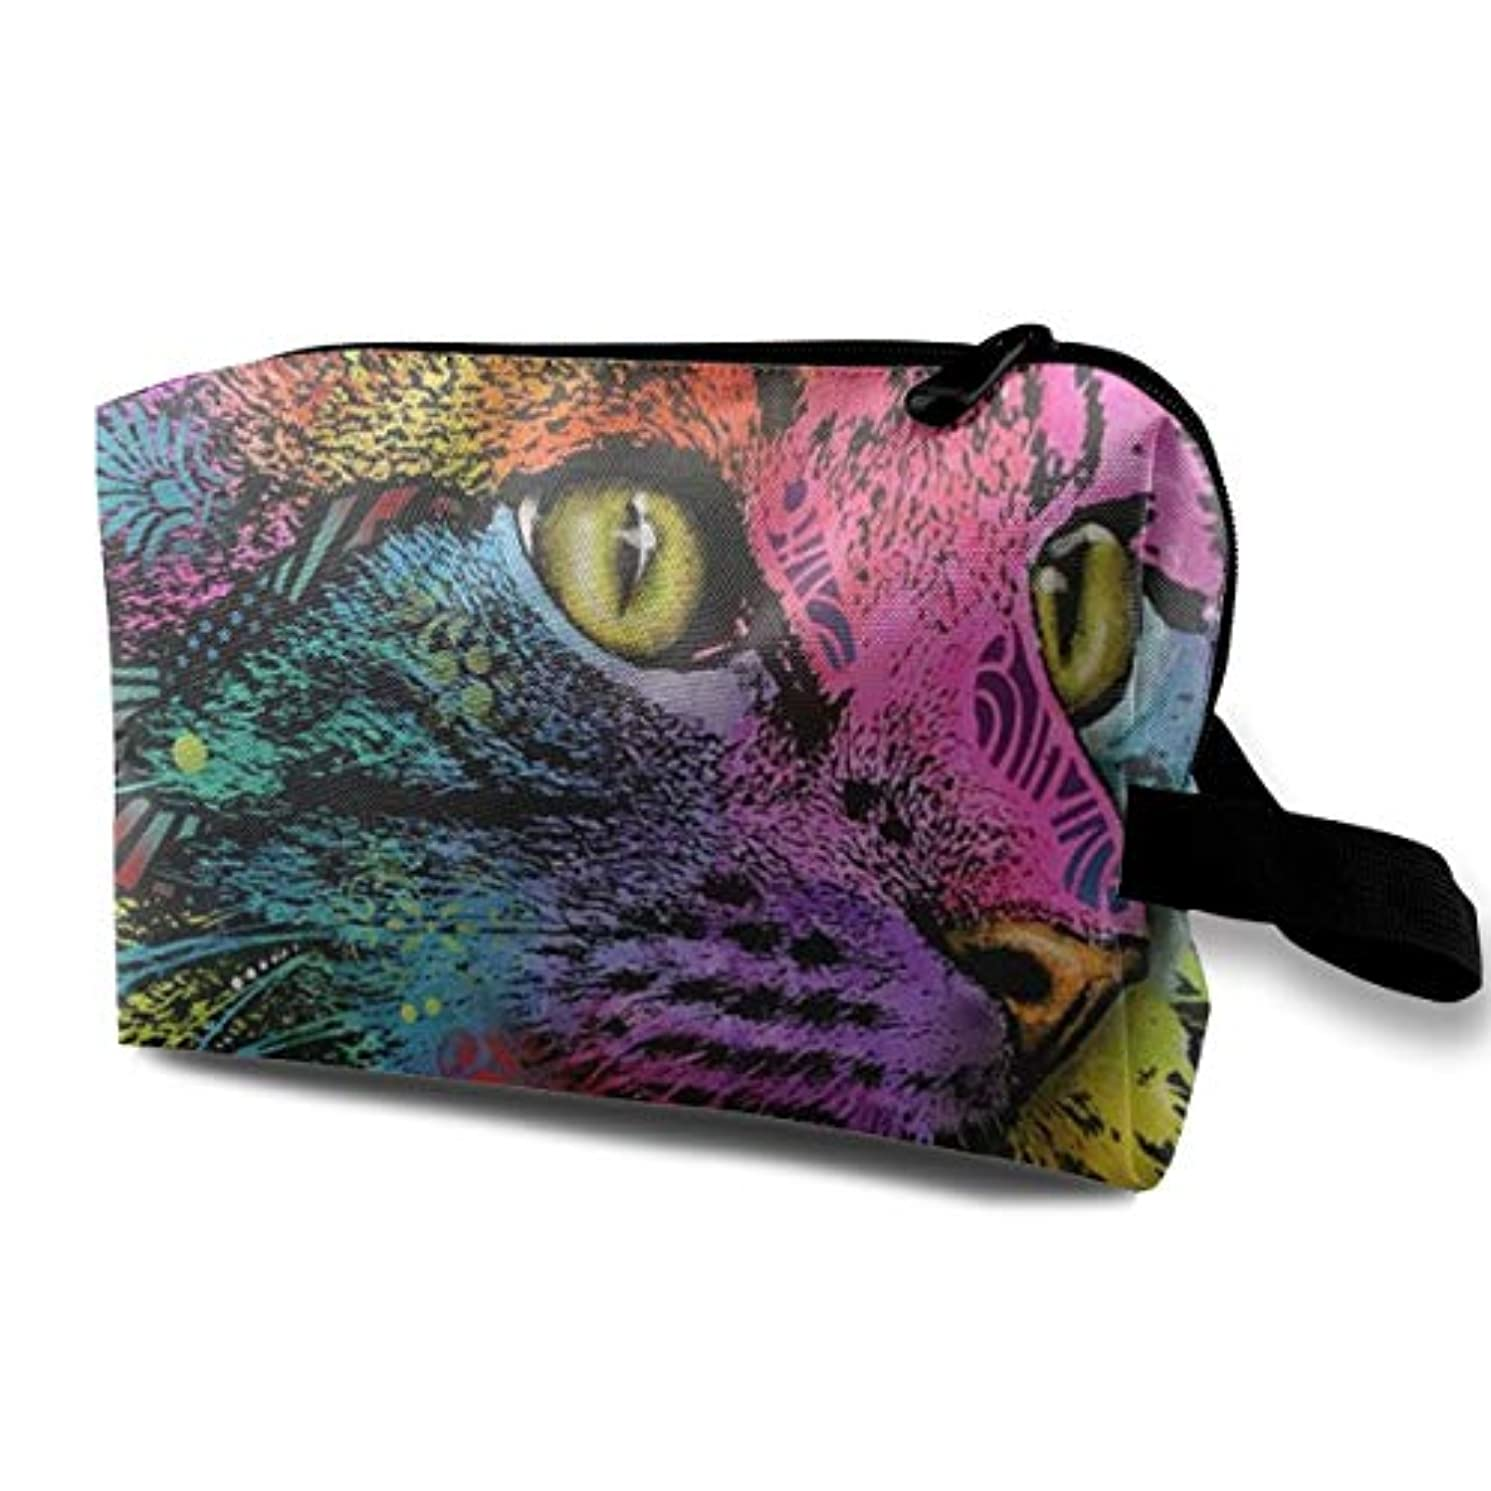 可能社員ノミネートMysterio Gaze Cat 収納ポーチ 化粧ポーチ 大容量 軽量 耐久性 ハンドル付持ち運び便利。入れ 自宅?出張?旅行?アウトドア撮影などに対応。メンズ レディース トラベルグッズ